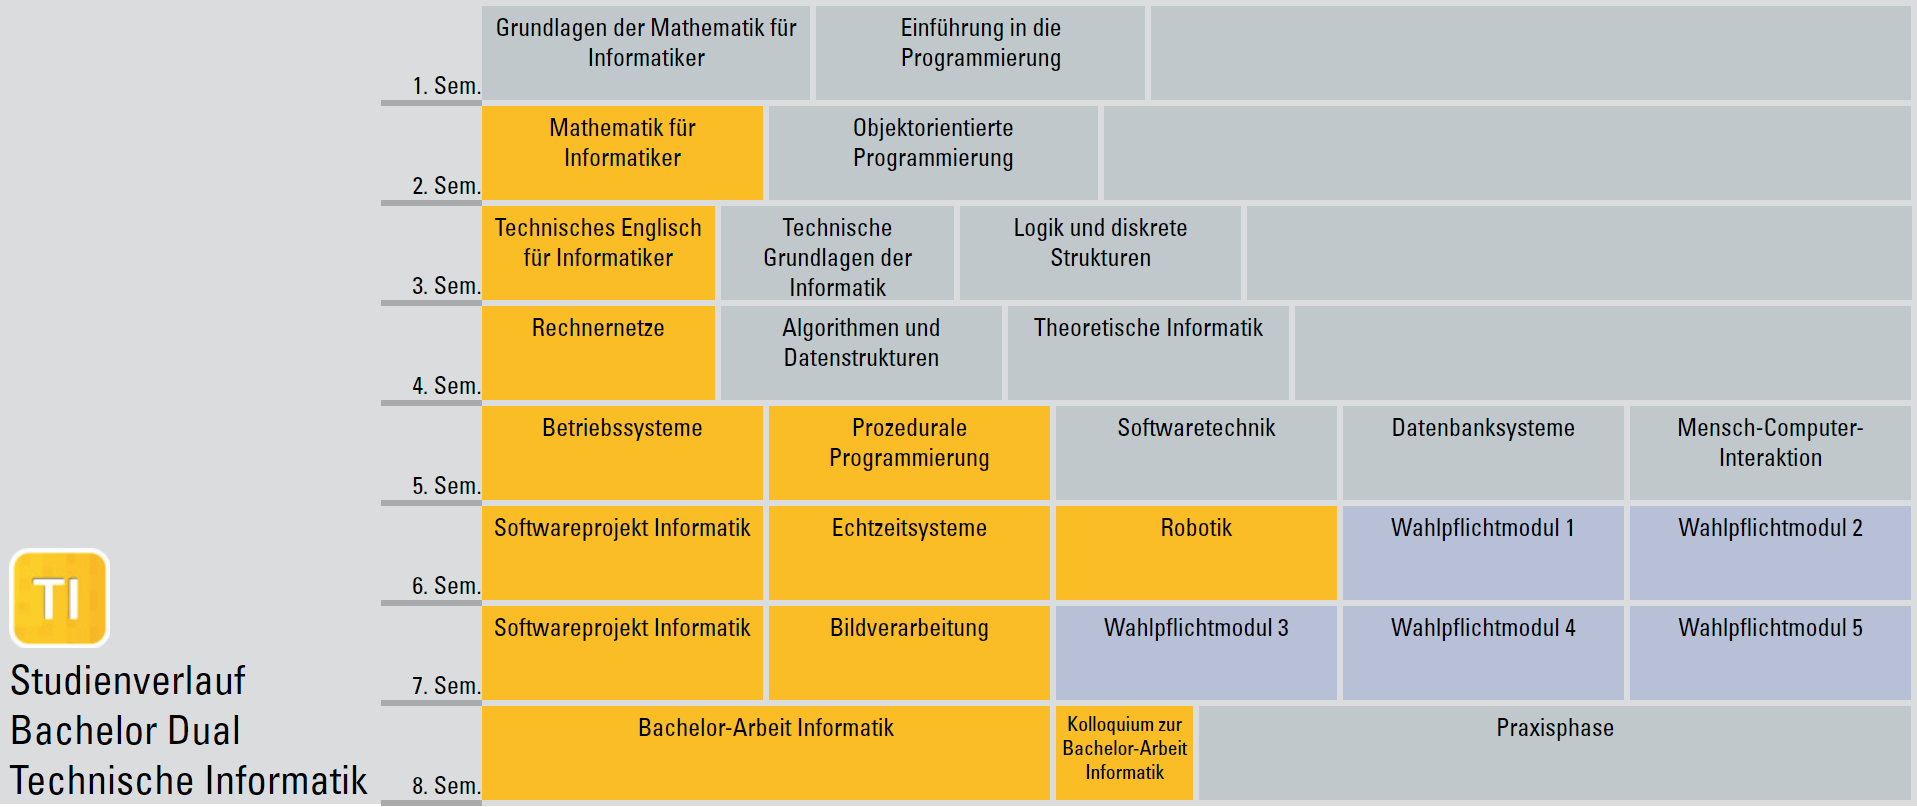 Studienverlaufsplan Bachelor Dual Informatik (TI)